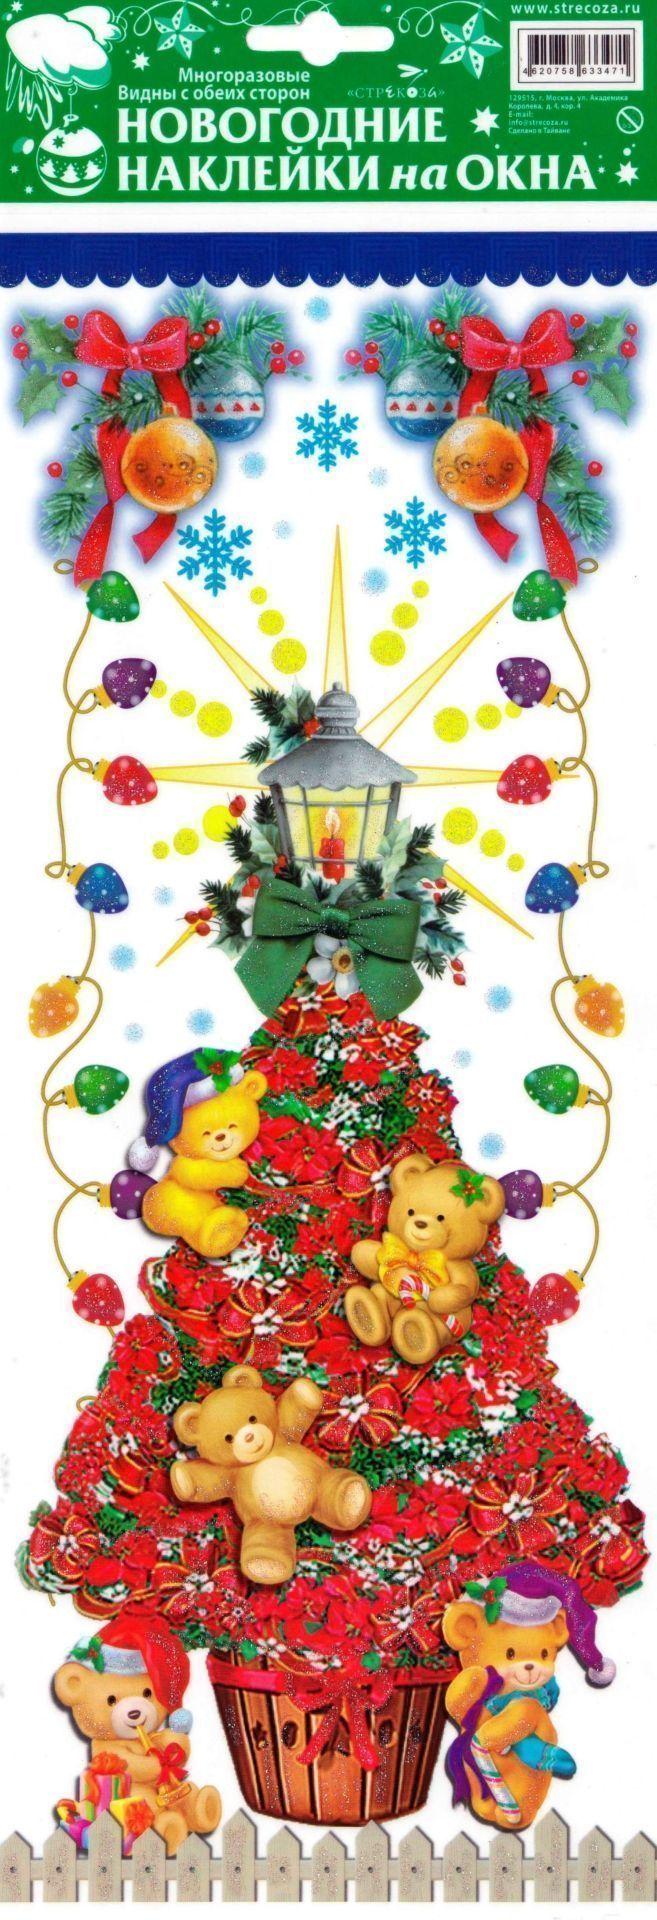 """Новогодние наклейки на окна """"Медвежата на красной елке"""""""